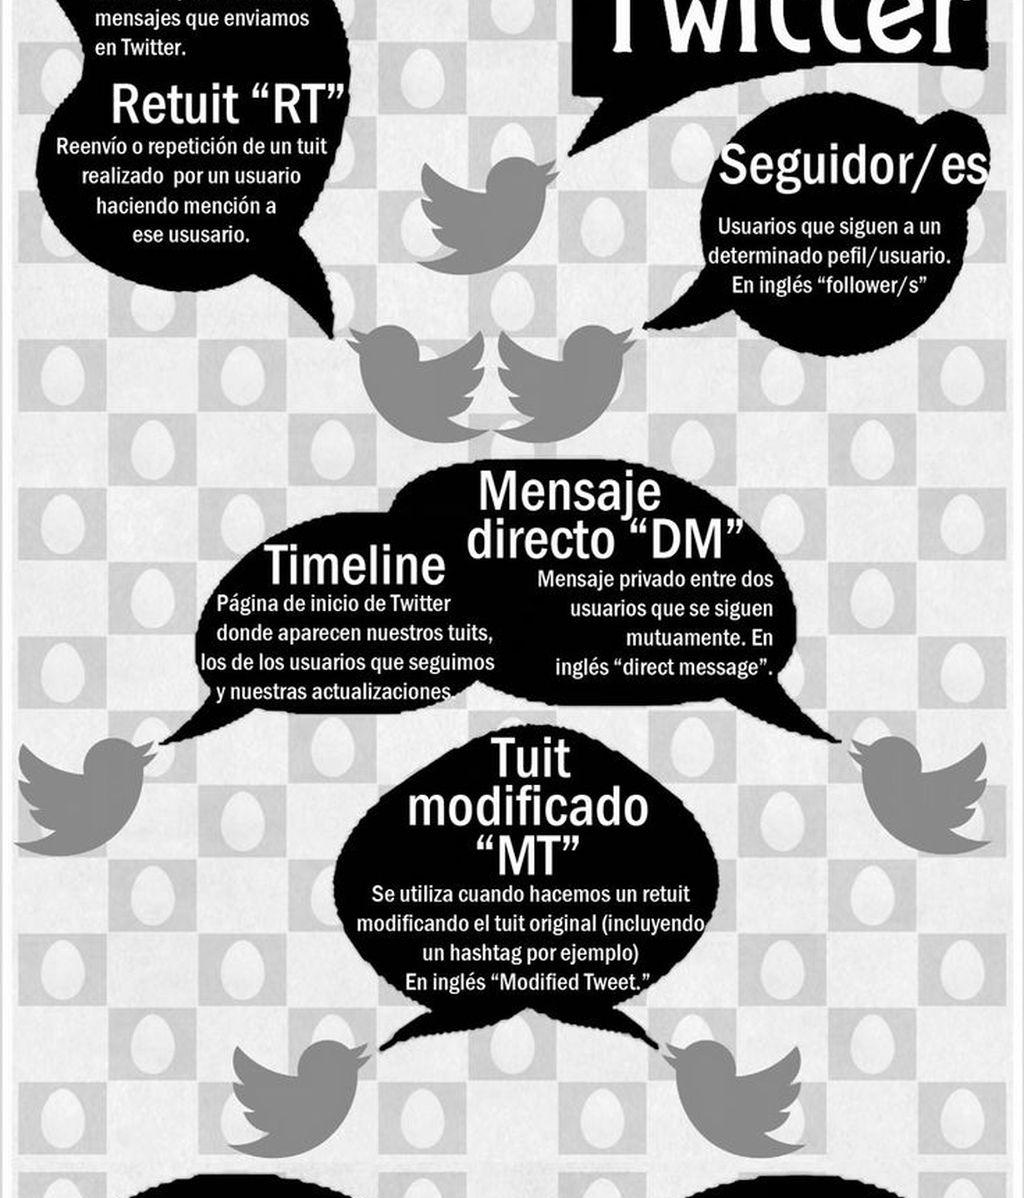 Glosario de términos de Twitter